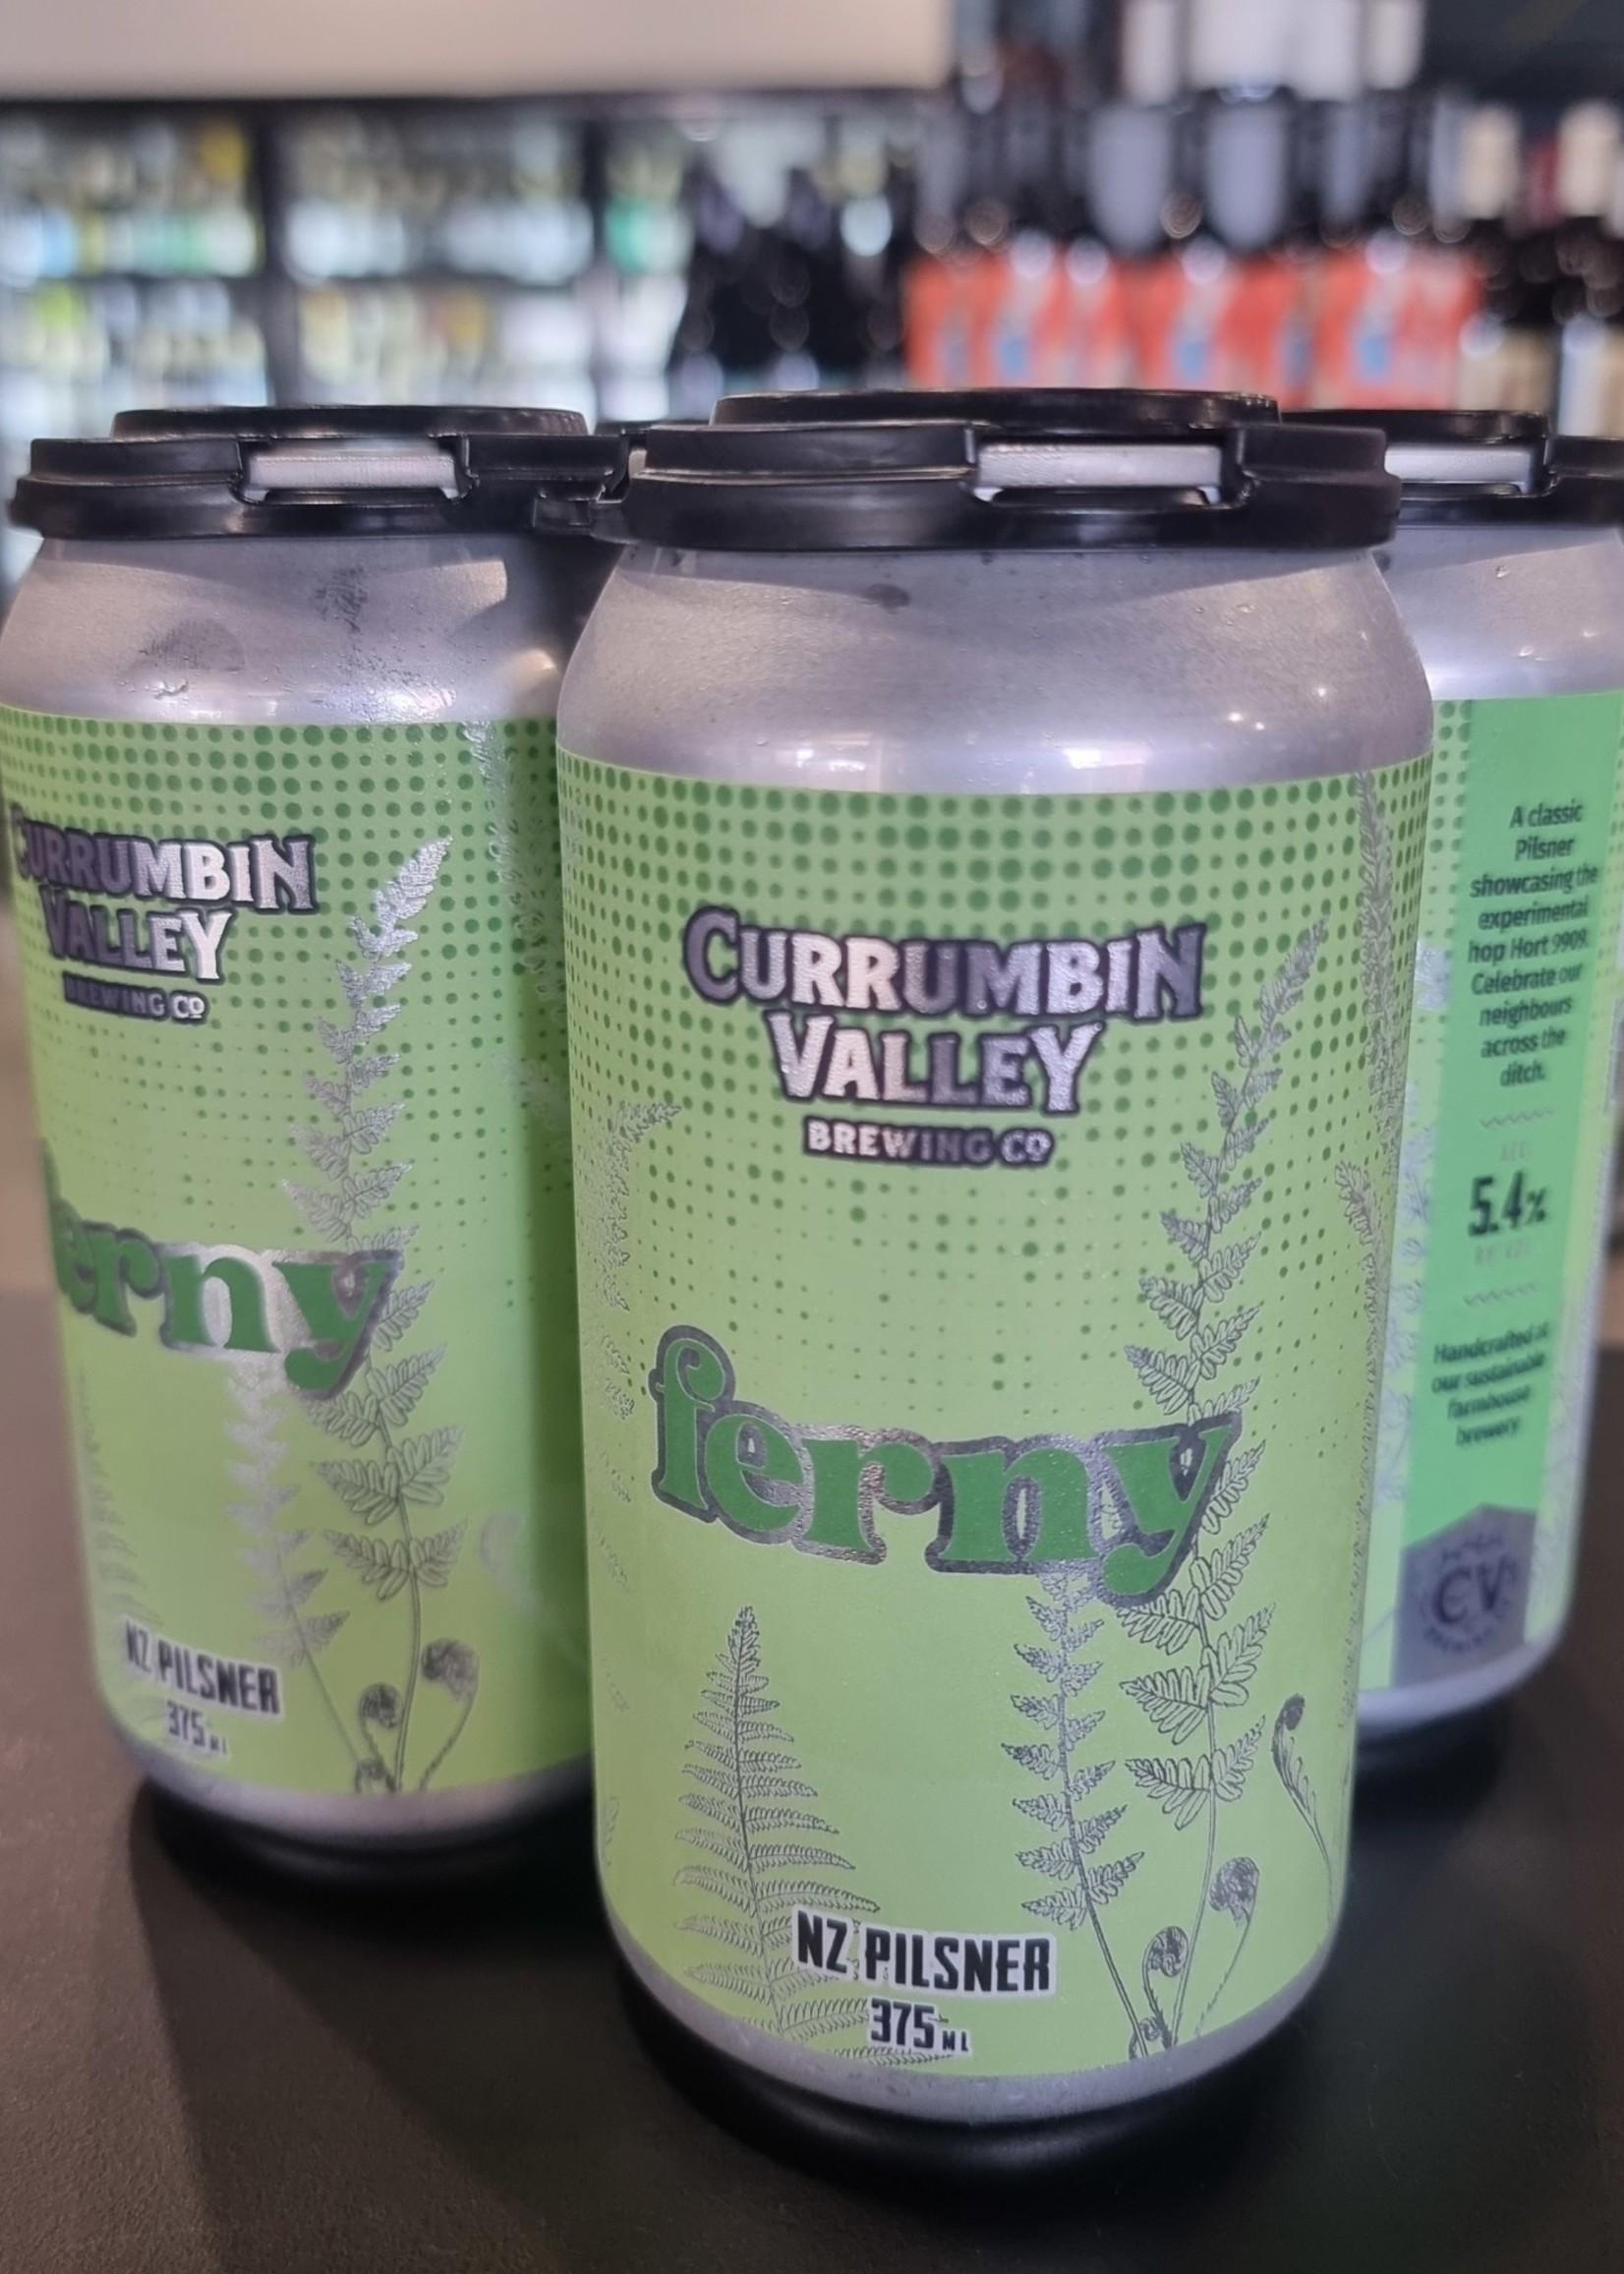 Currumbin Valley Currumbin Valley 'Ferny' 5.4% single